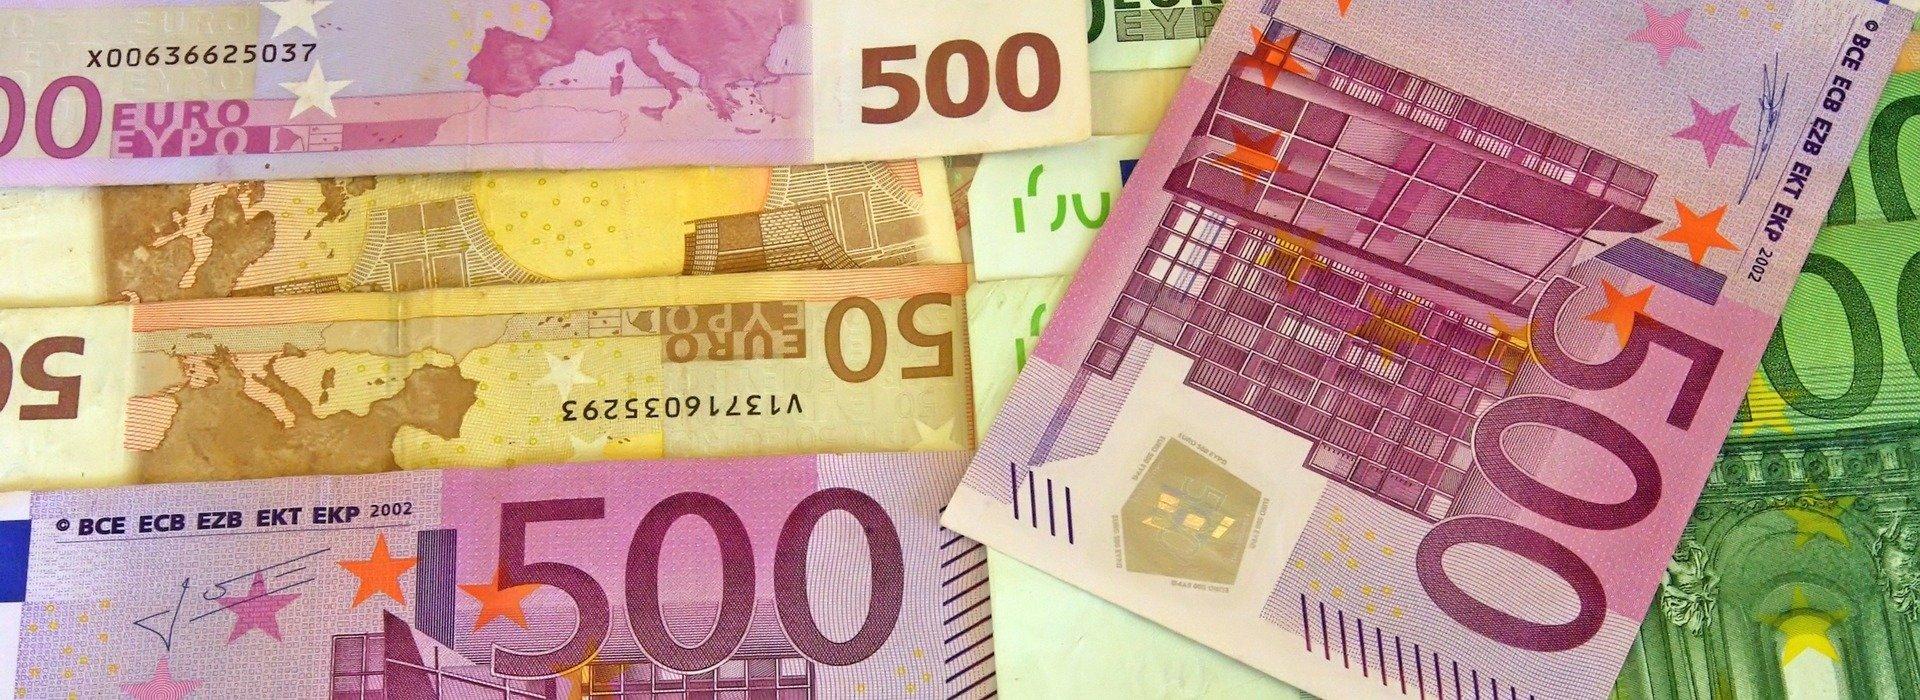 Geld, Preise & Kosten in Budapest – Budapest Geld Preise und Kosten